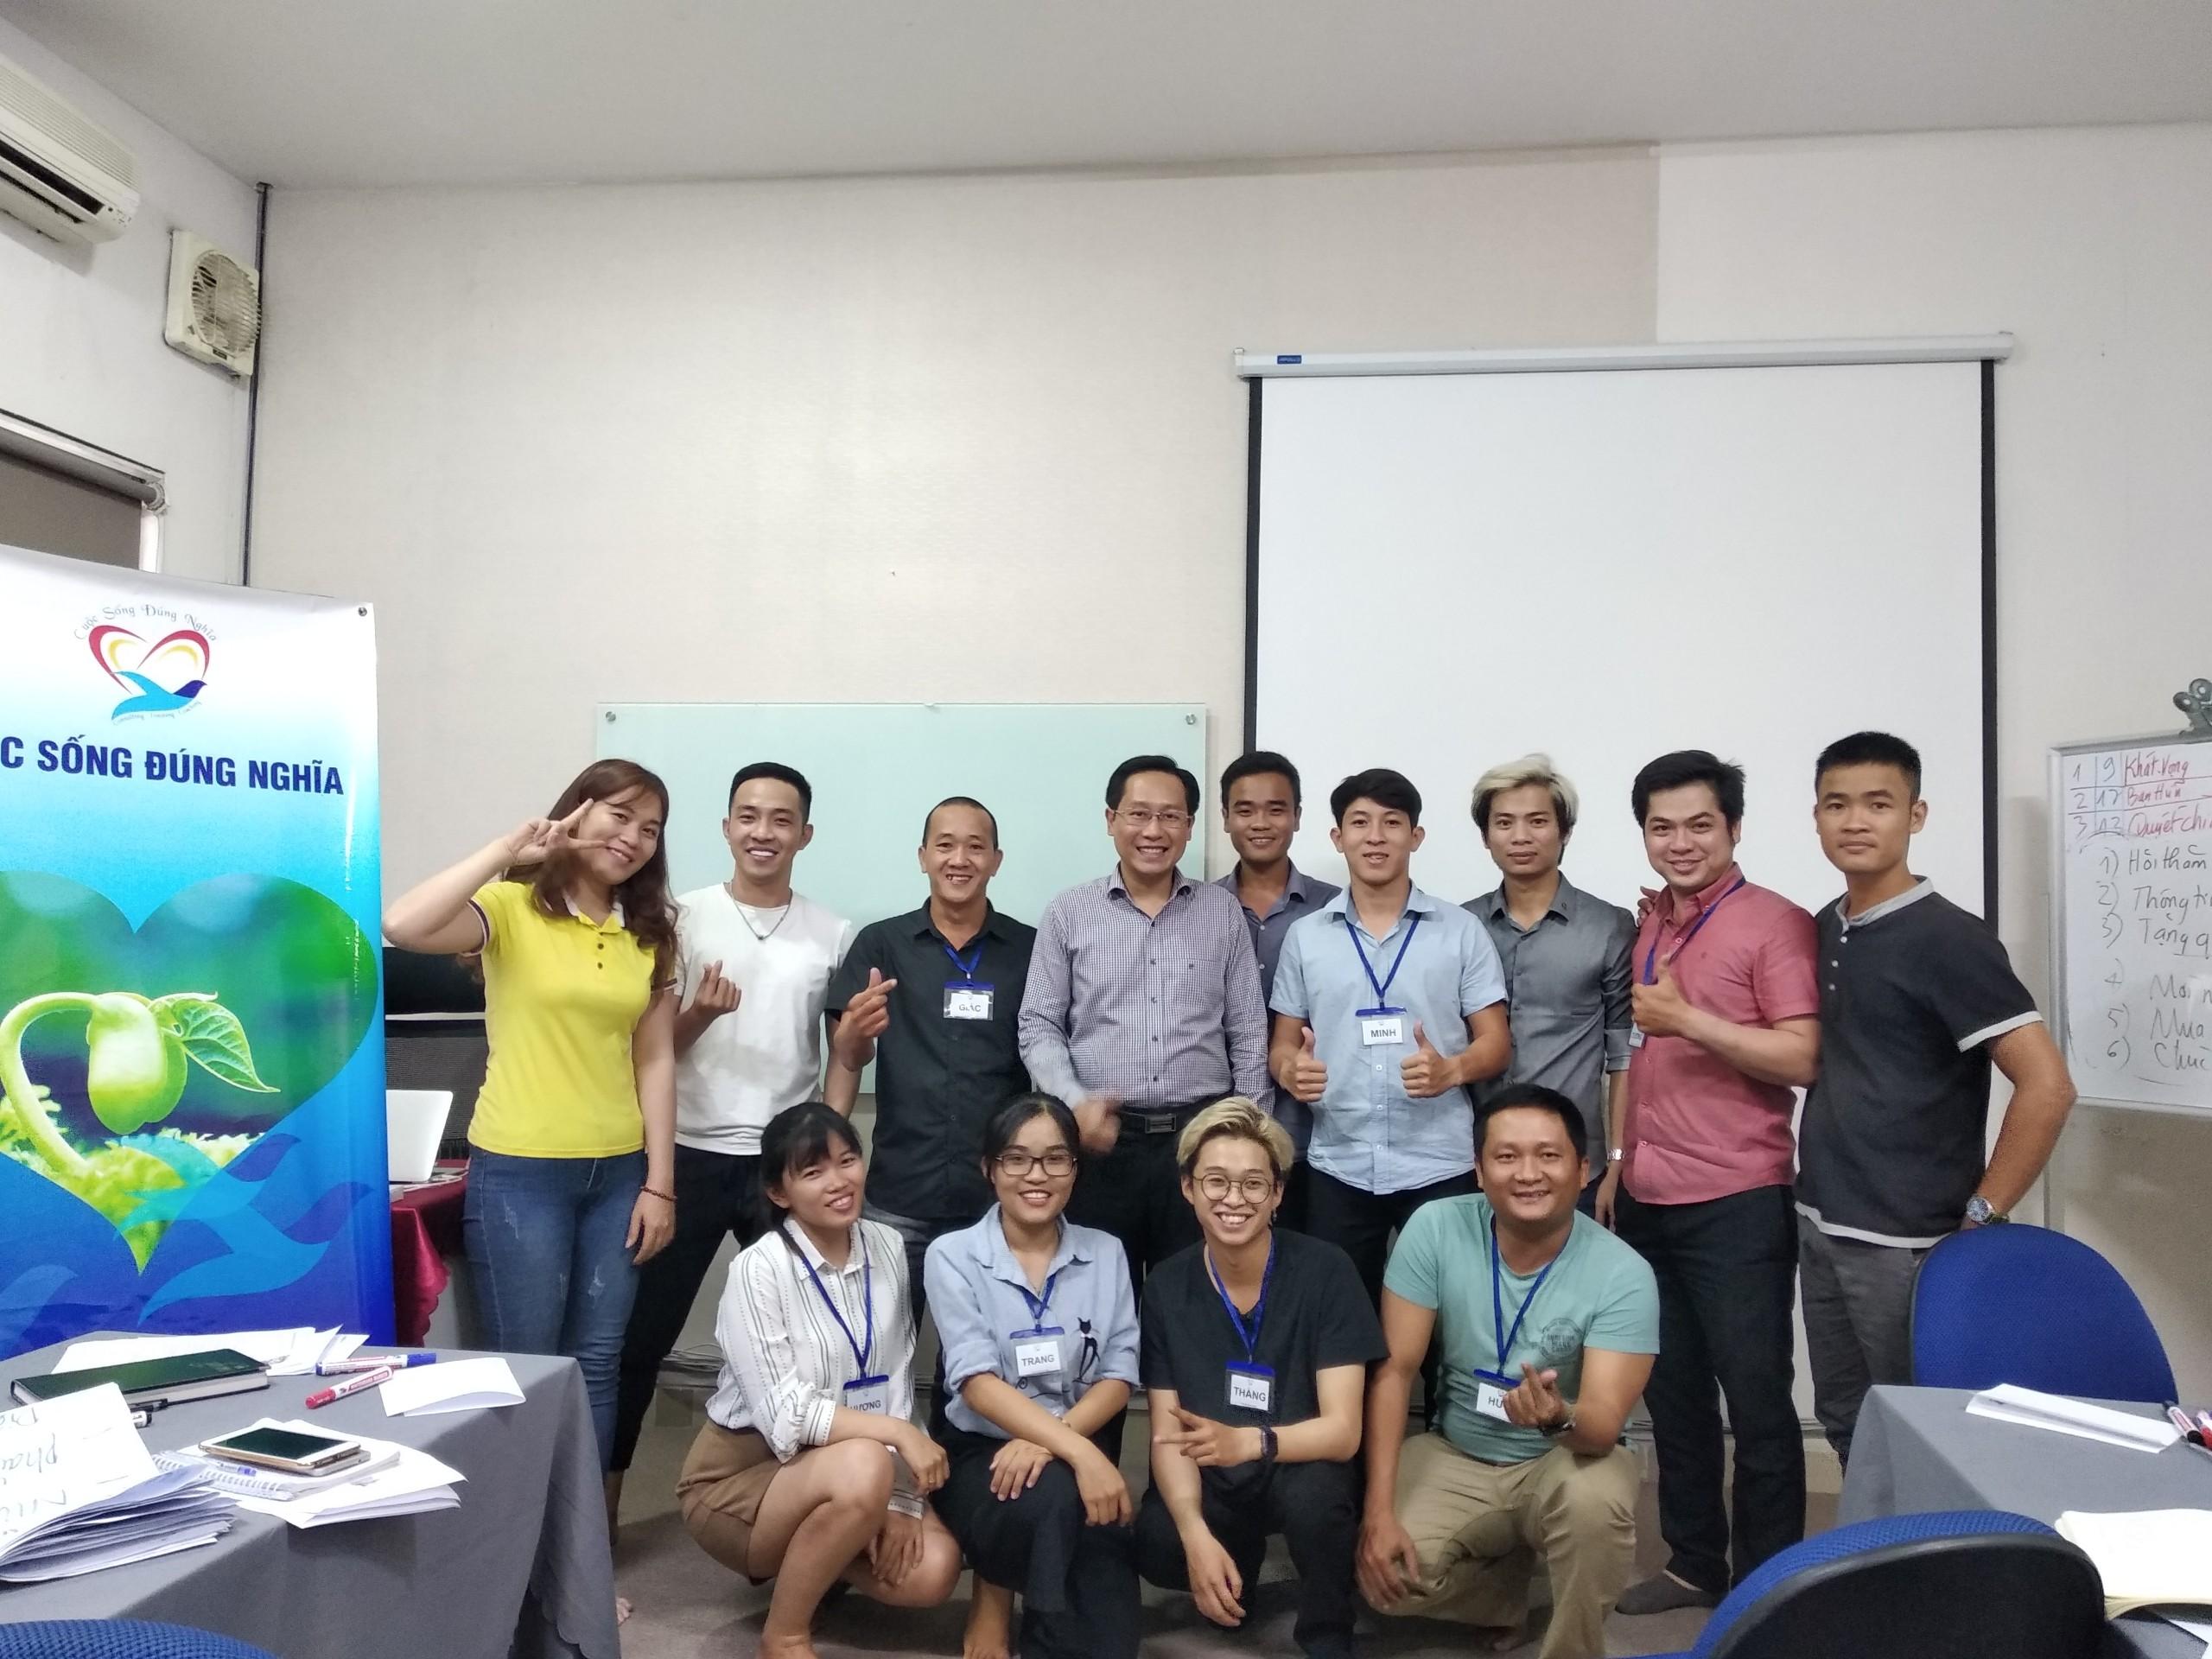 """Đào tạo public: """"kỹ năng giao tiếp bán hàng và CSKH hiệu quả"""" tại Hồ Chí Minh"""